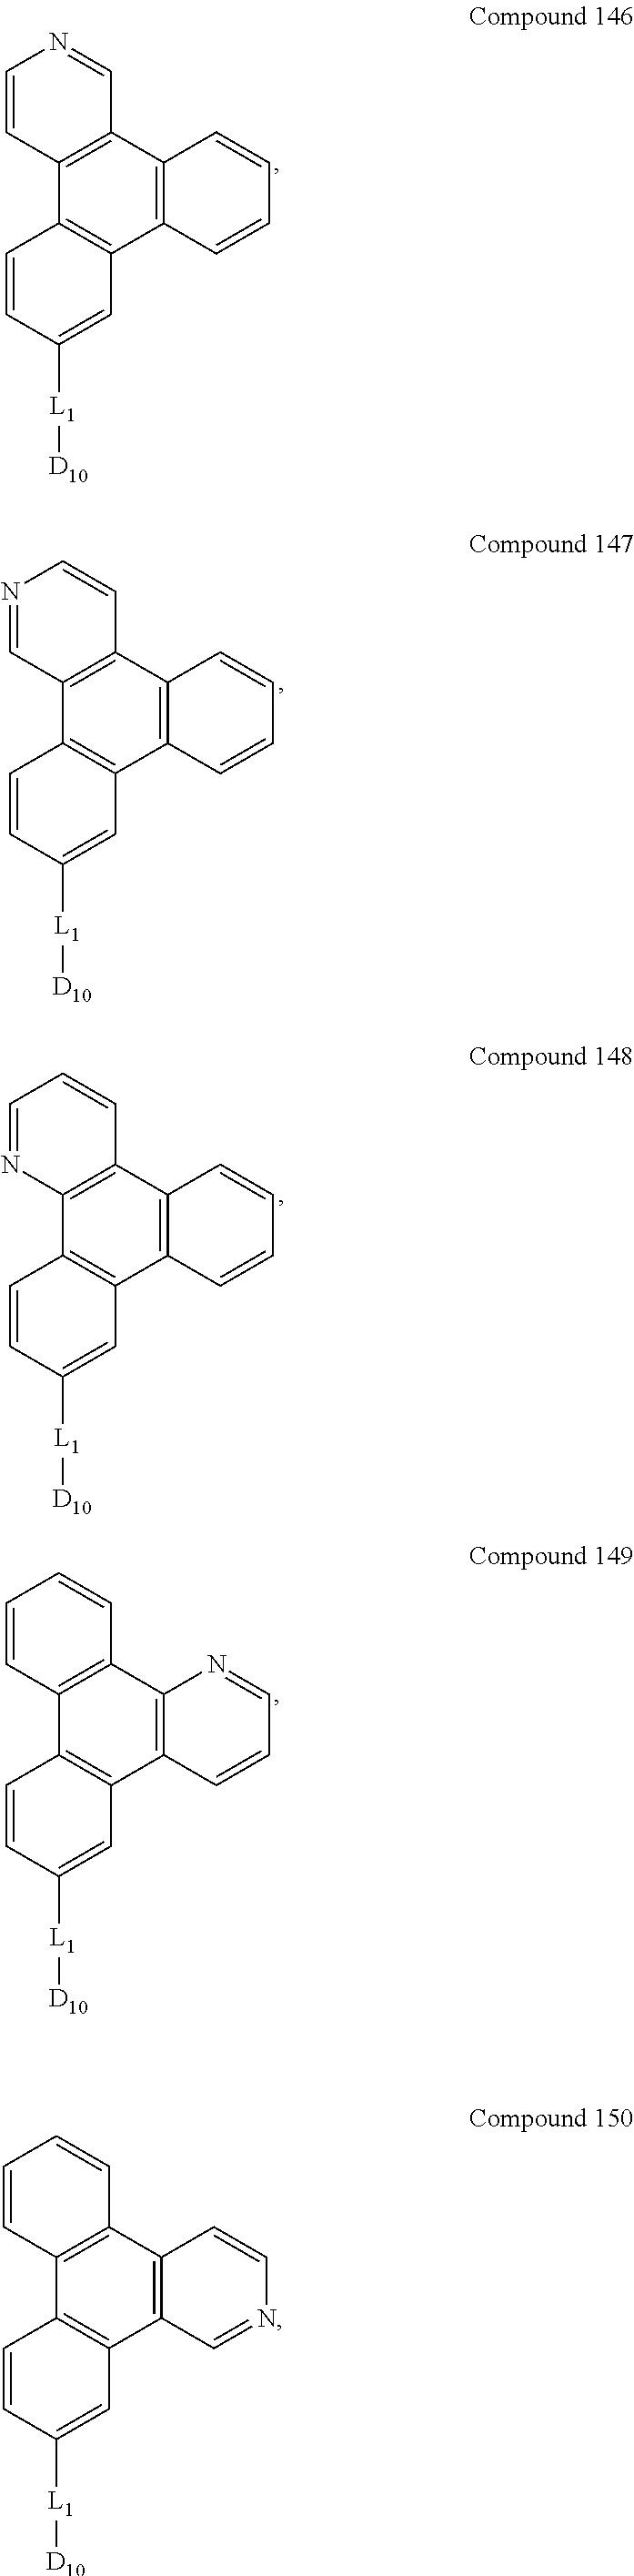 Figure US09537106-20170103-C00516